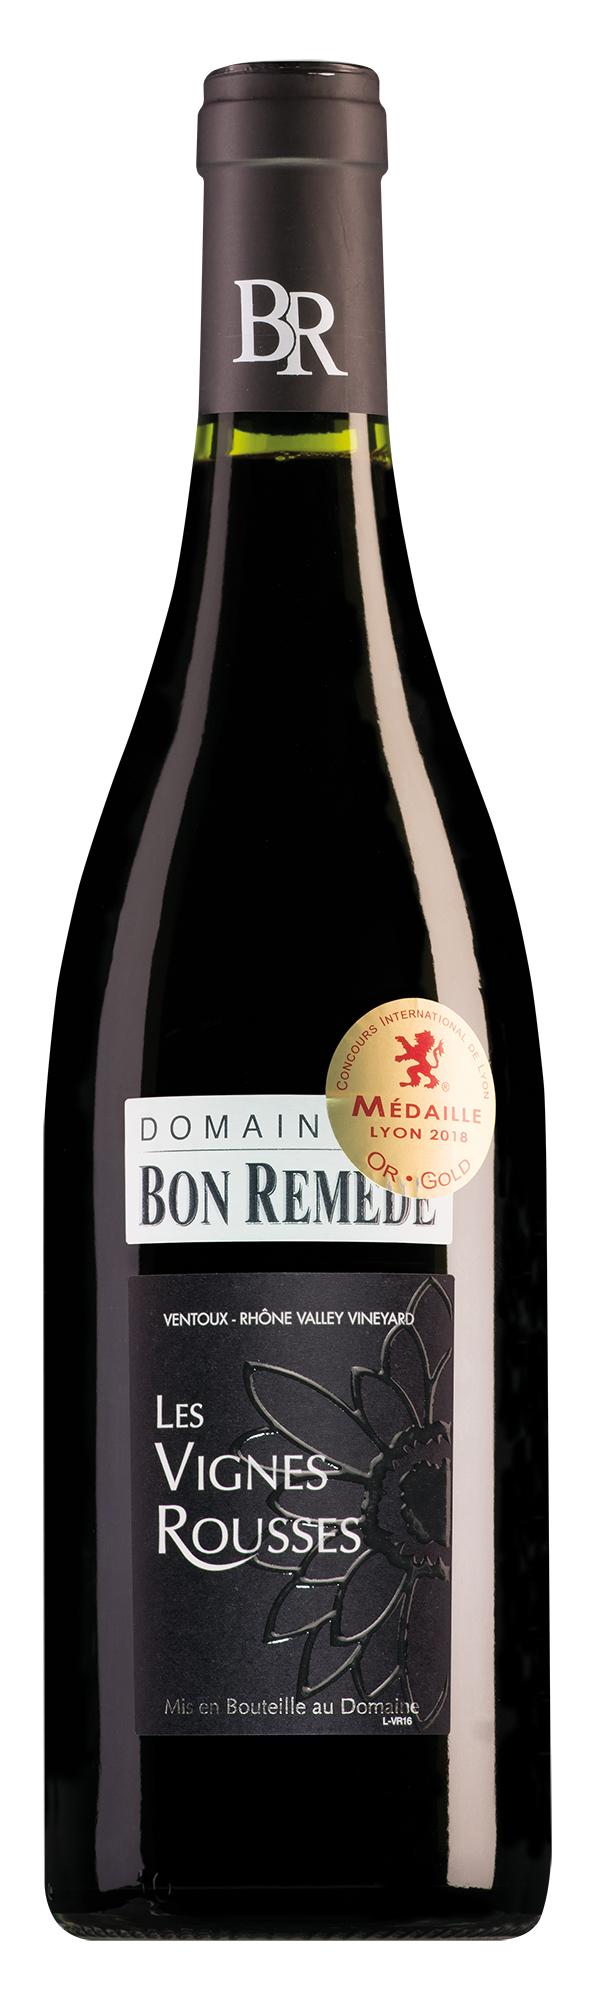 Domaine du Bon Remède Ventoux Vignes Rousses magnum